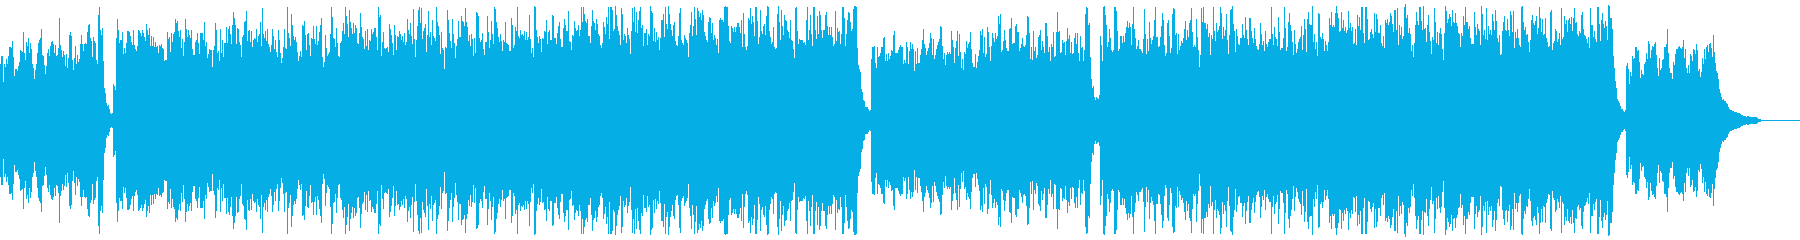 雄大シネマティックピアノ:メロディ無しの再生済みの波形